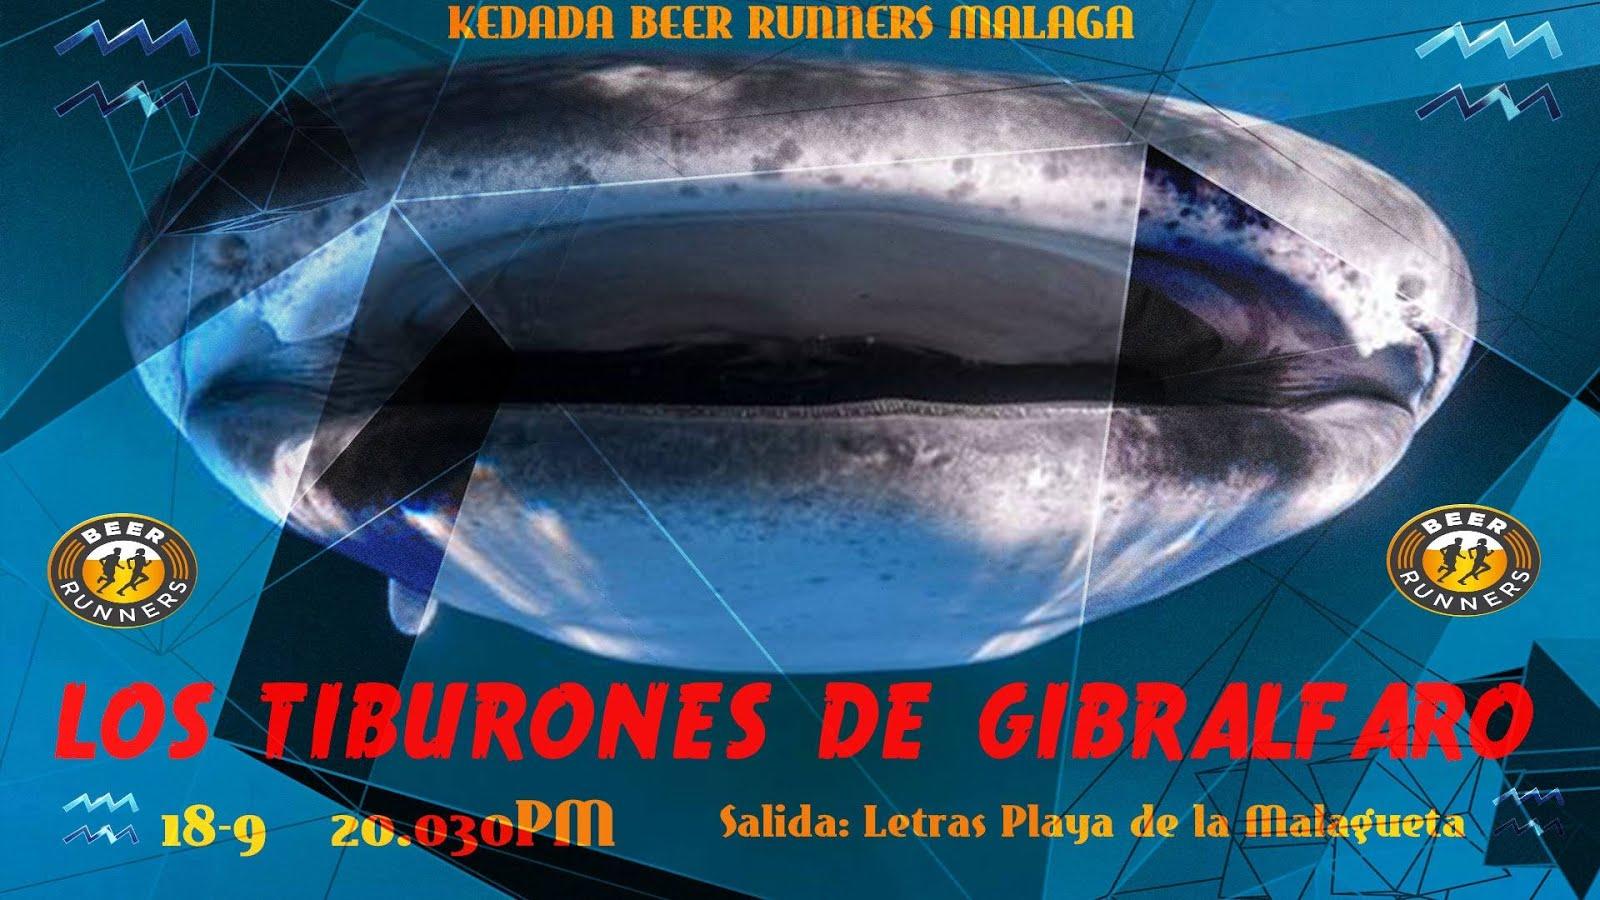 LOS TIBURONES DE GIBRALFARO